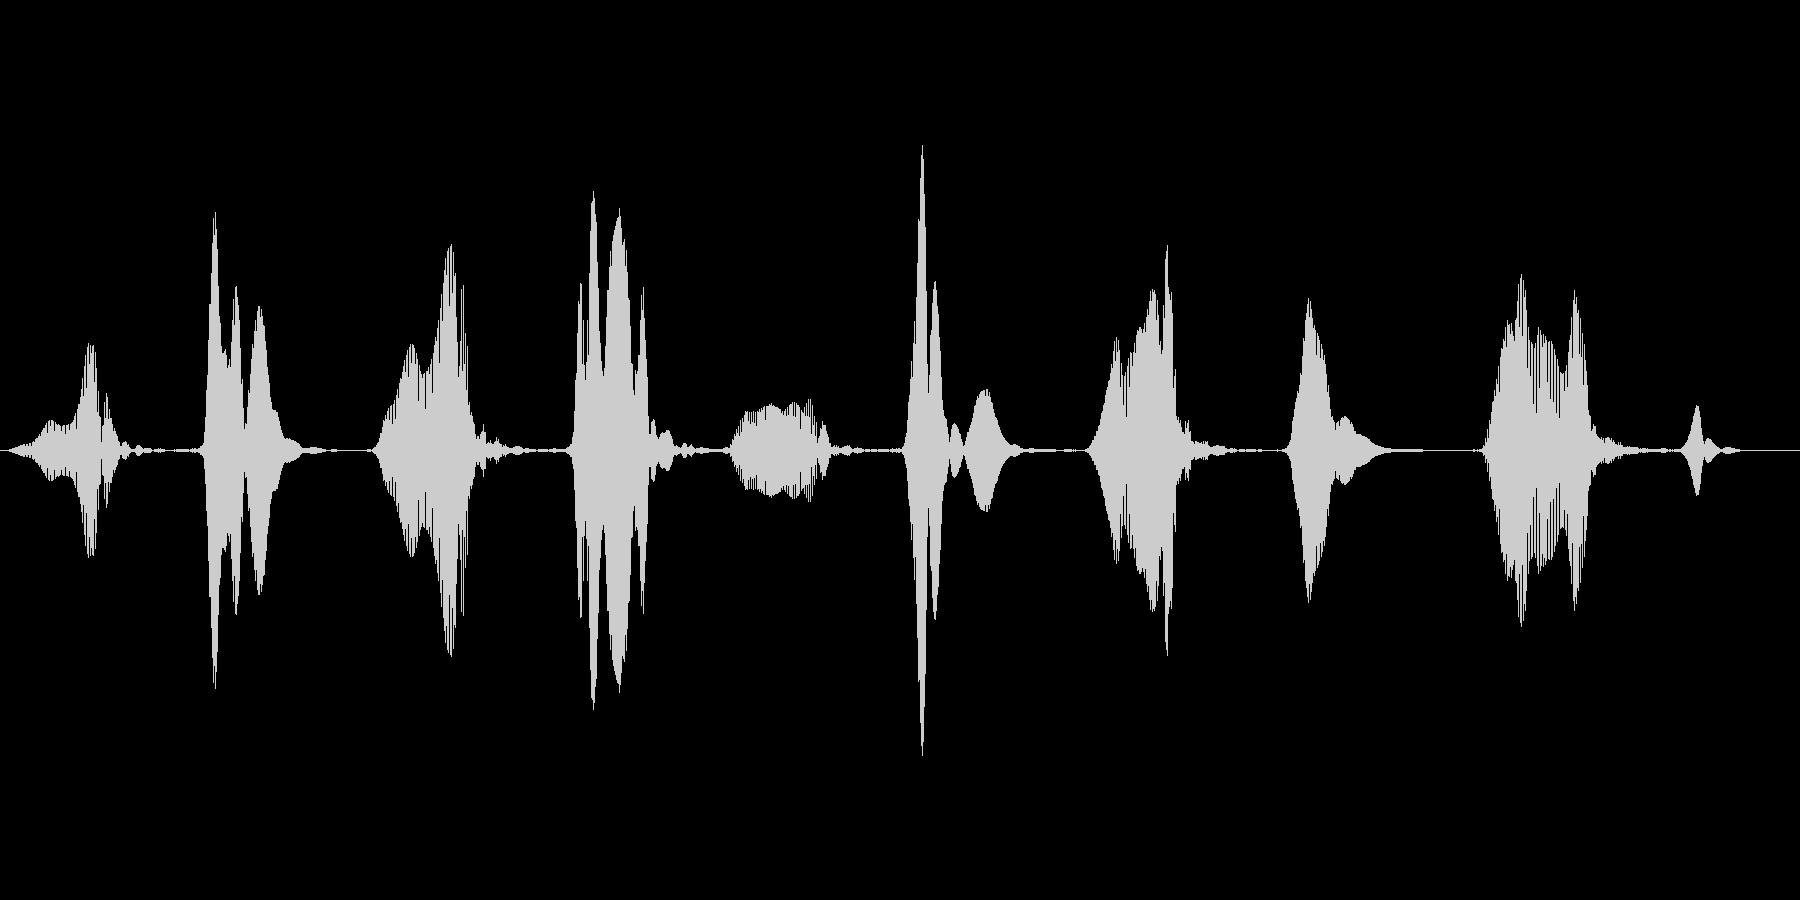 キュッキュッ(窓などをこする音)ループの未再生の波形